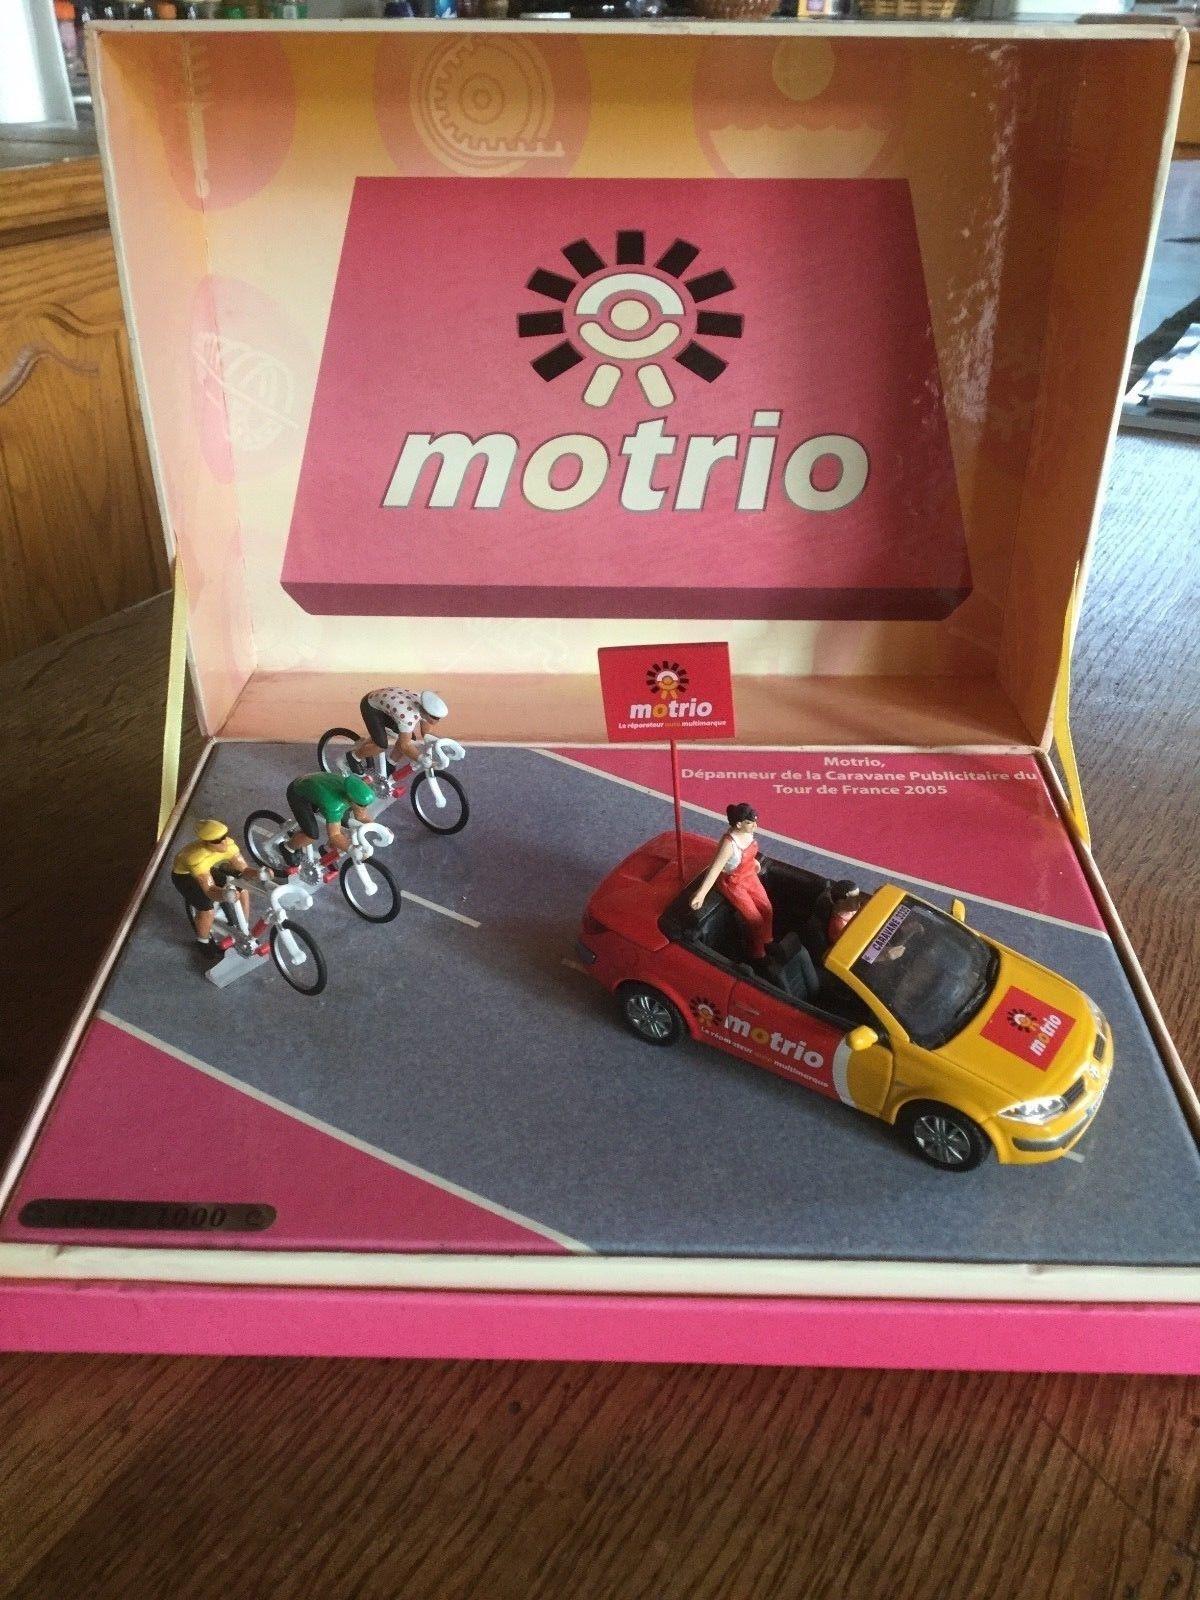 rare coffret diorama MOTRIO RENAULT Megane cyclistes 1:43 NOREV Tour France 2005 | Prix Très Raisonnable  | Réputation D'abord  | Une Grande Variété De Modèles  | Moins Coûteux